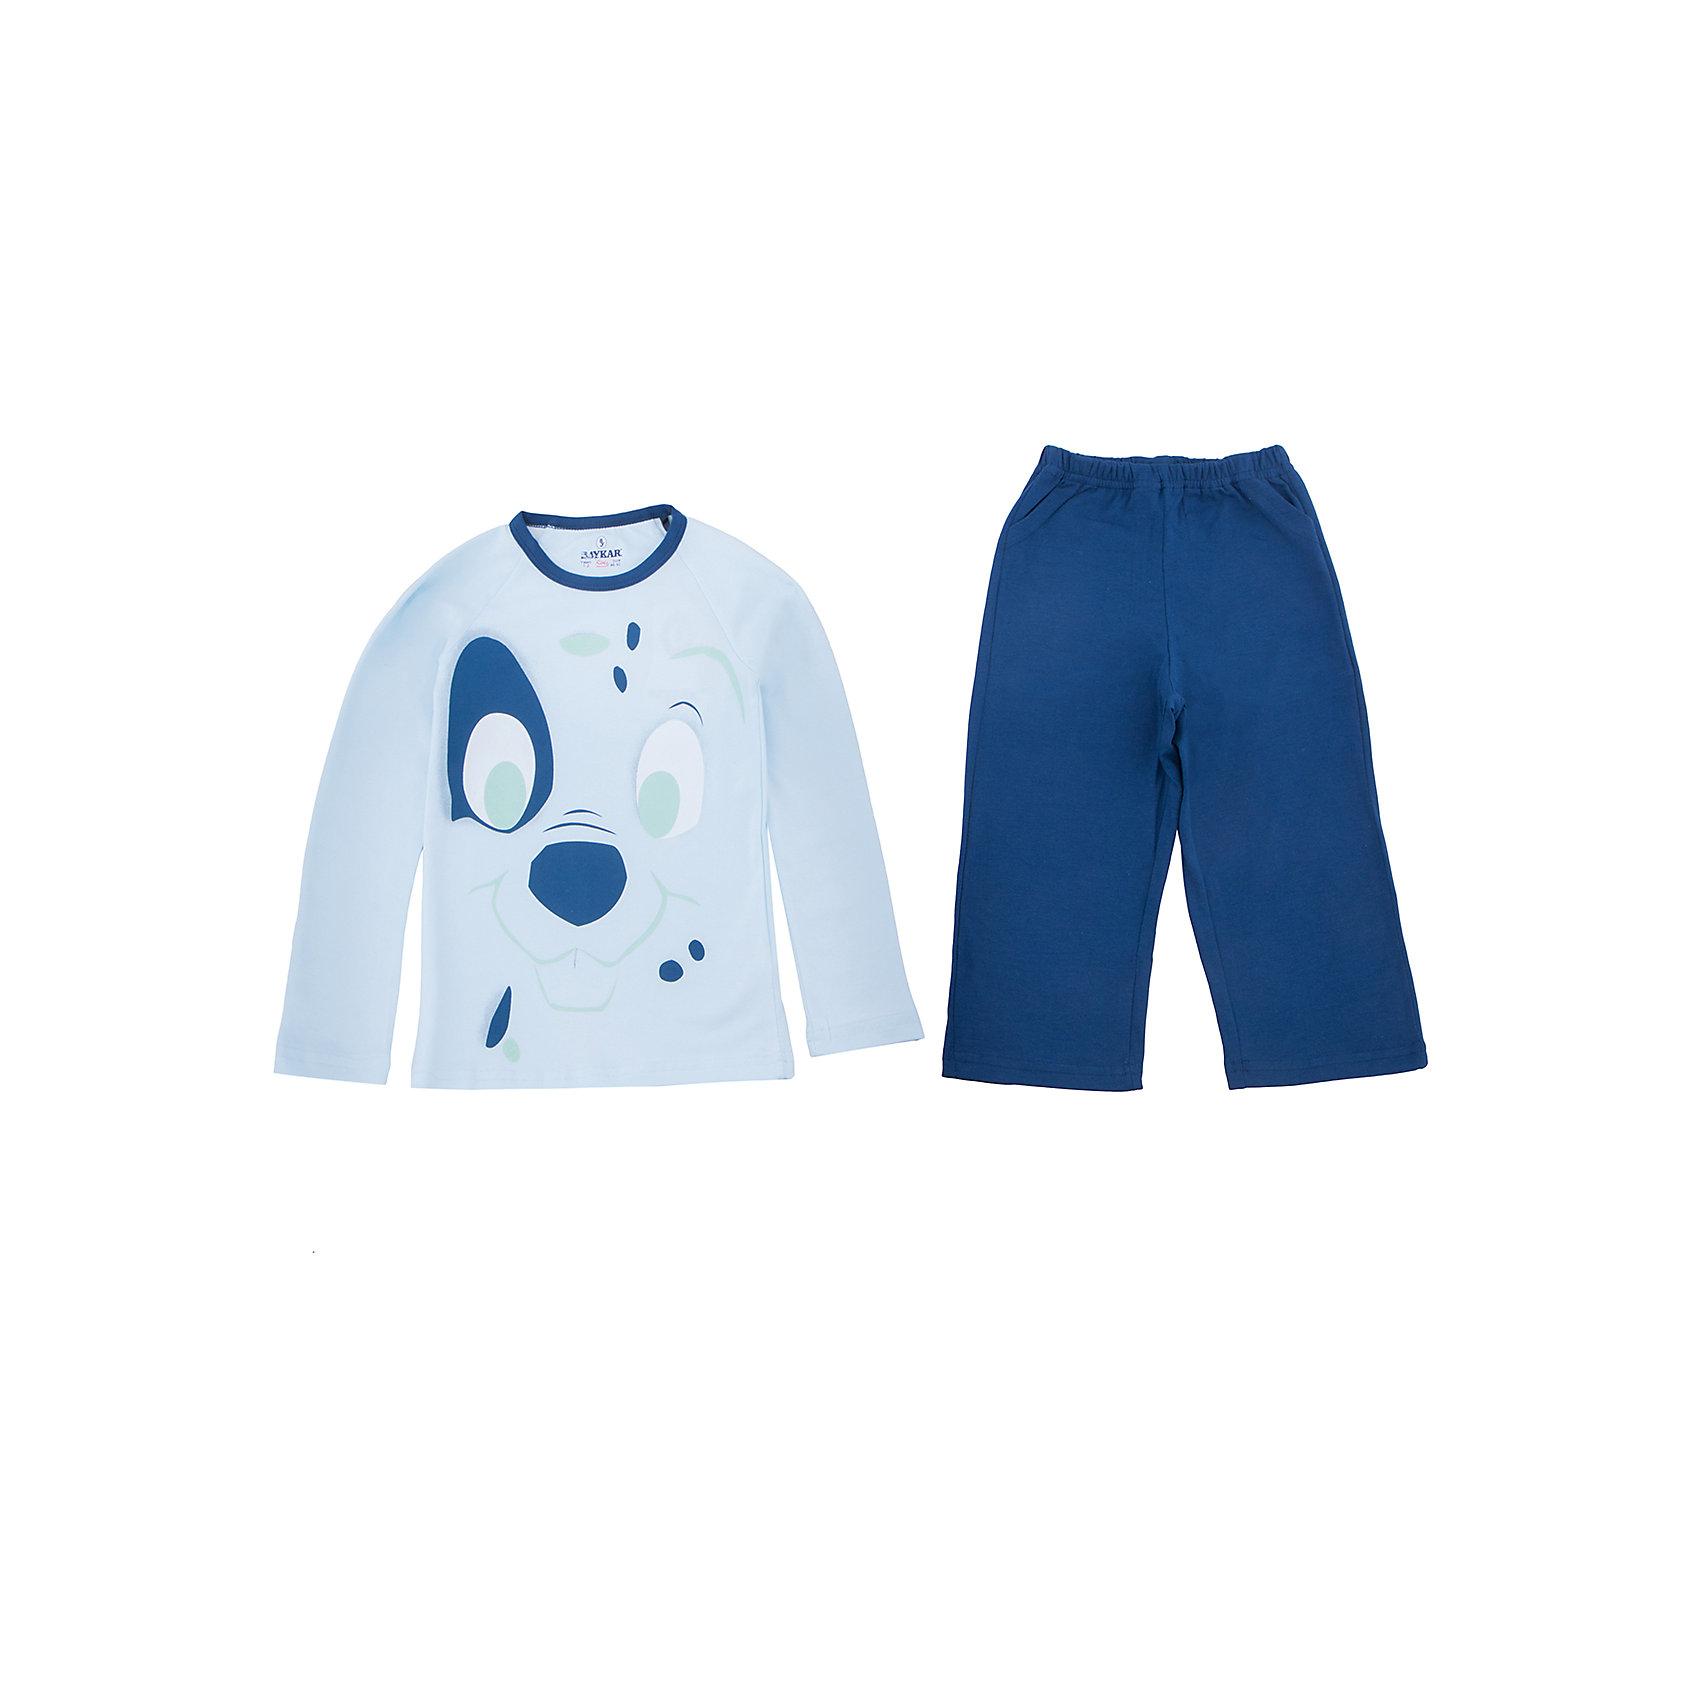 Пижама для мальчика BaykarПижамы и сорочки<br>Характеристики товара:<br><br>• цвет: синий<br>• состав ткани: 95% хлопок; 5% эластан<br>• комплектация: кофта, брюки<br>• пояс брюк: резинка<br>• сезон: круглый год<br>• страна бренда: Турция<br>• страна изготовитель: Турция<br><br>Правильная пижама для мальчика позволяет обеспечить комфортный сон. Пижама для мальчика Baykar украшена симпатичным принтом. <br><br>Этот комплект для сна из кофты и брюк сделан из мягкого дышащего материала. Продуманный крой обеспечивает комфортную посадку. <br><br>Пижаму для мальчика Baykar (Байкар) можно купить в нашем интернет-магазине.<br><br>Ширина мм: 281<br>Глубина мм: 70<br>Высота мм: 188<br>Вес г: 295<br>Цвет: синий<br>Возраст от месяцев: 24<br>Возраст до месяцев: 36<br>Пол: Мужской<br>Возраст: Детский<br>Размер: 92/98,80/92<br>SKU: 6764782